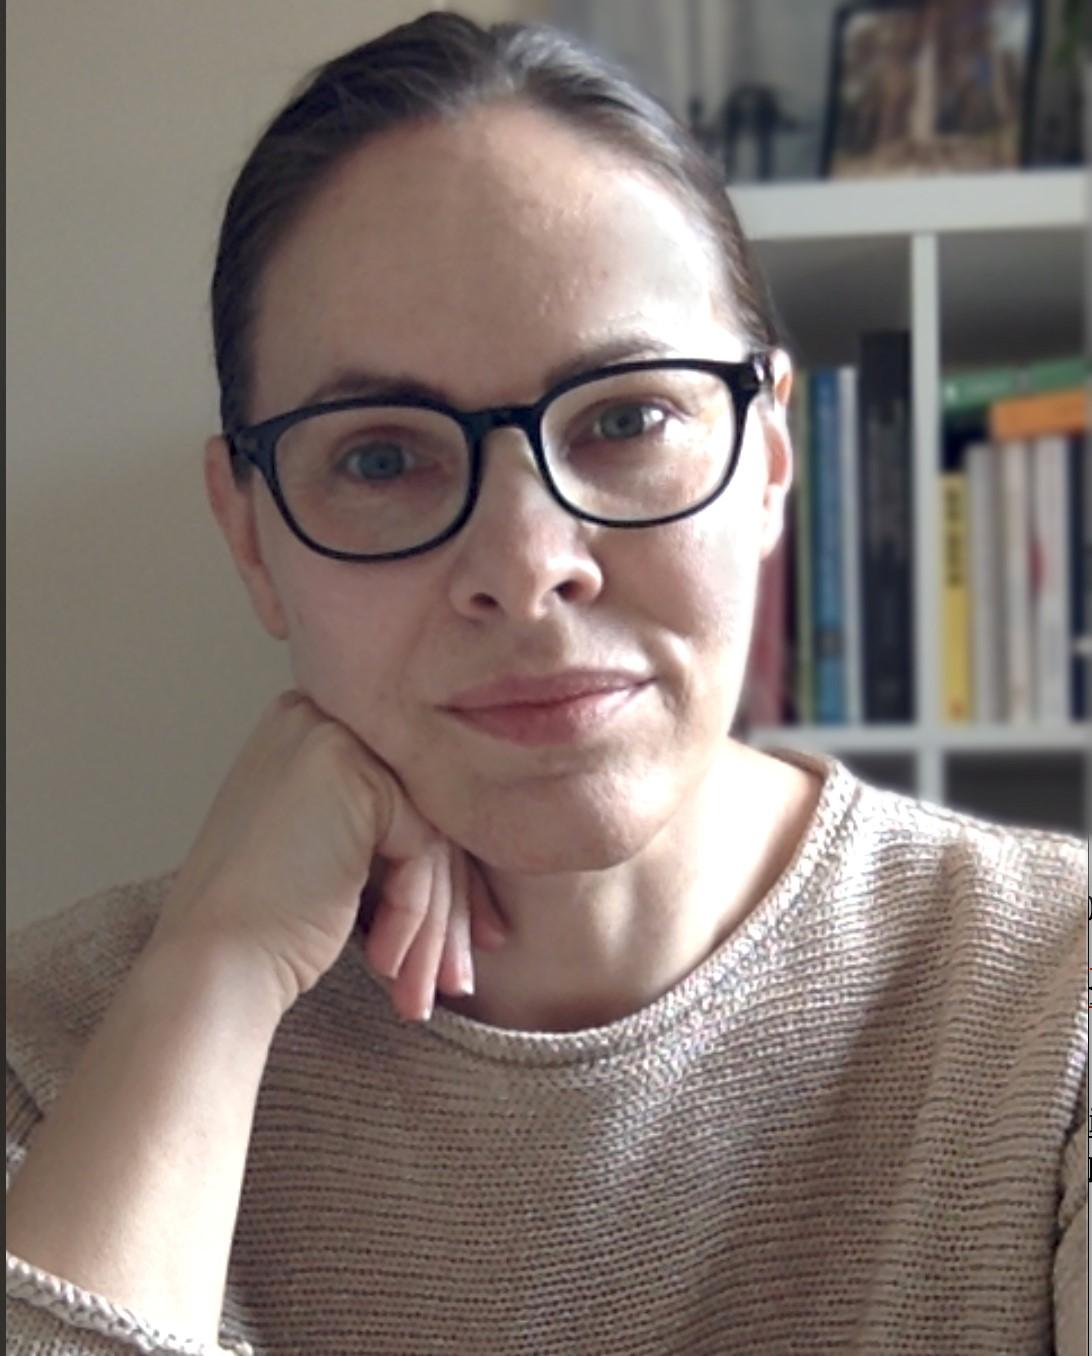 Vilma Jazgeviciute